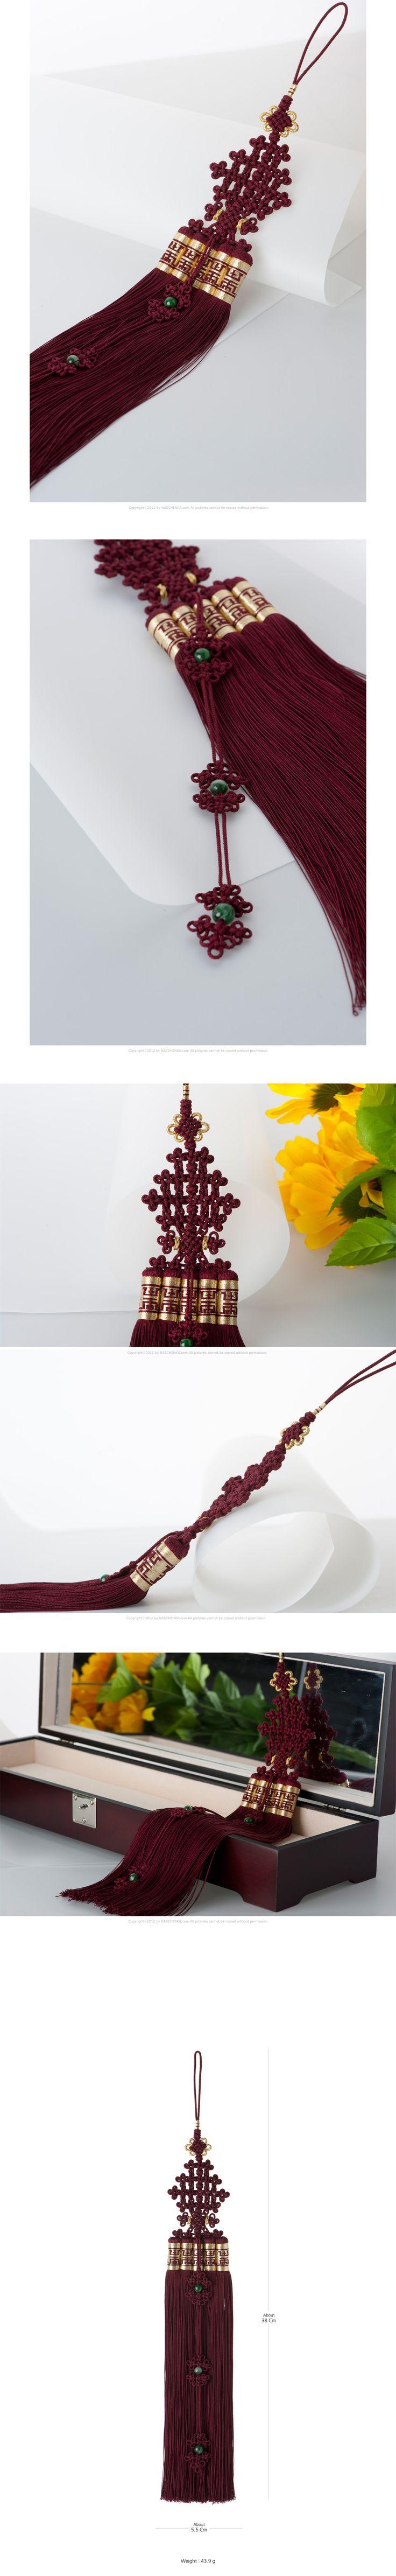 [[나스첸카] 쉽고 편안한 우리 전통 매듭 [고급스러운 색감의 자색 견사 노리개 술]]